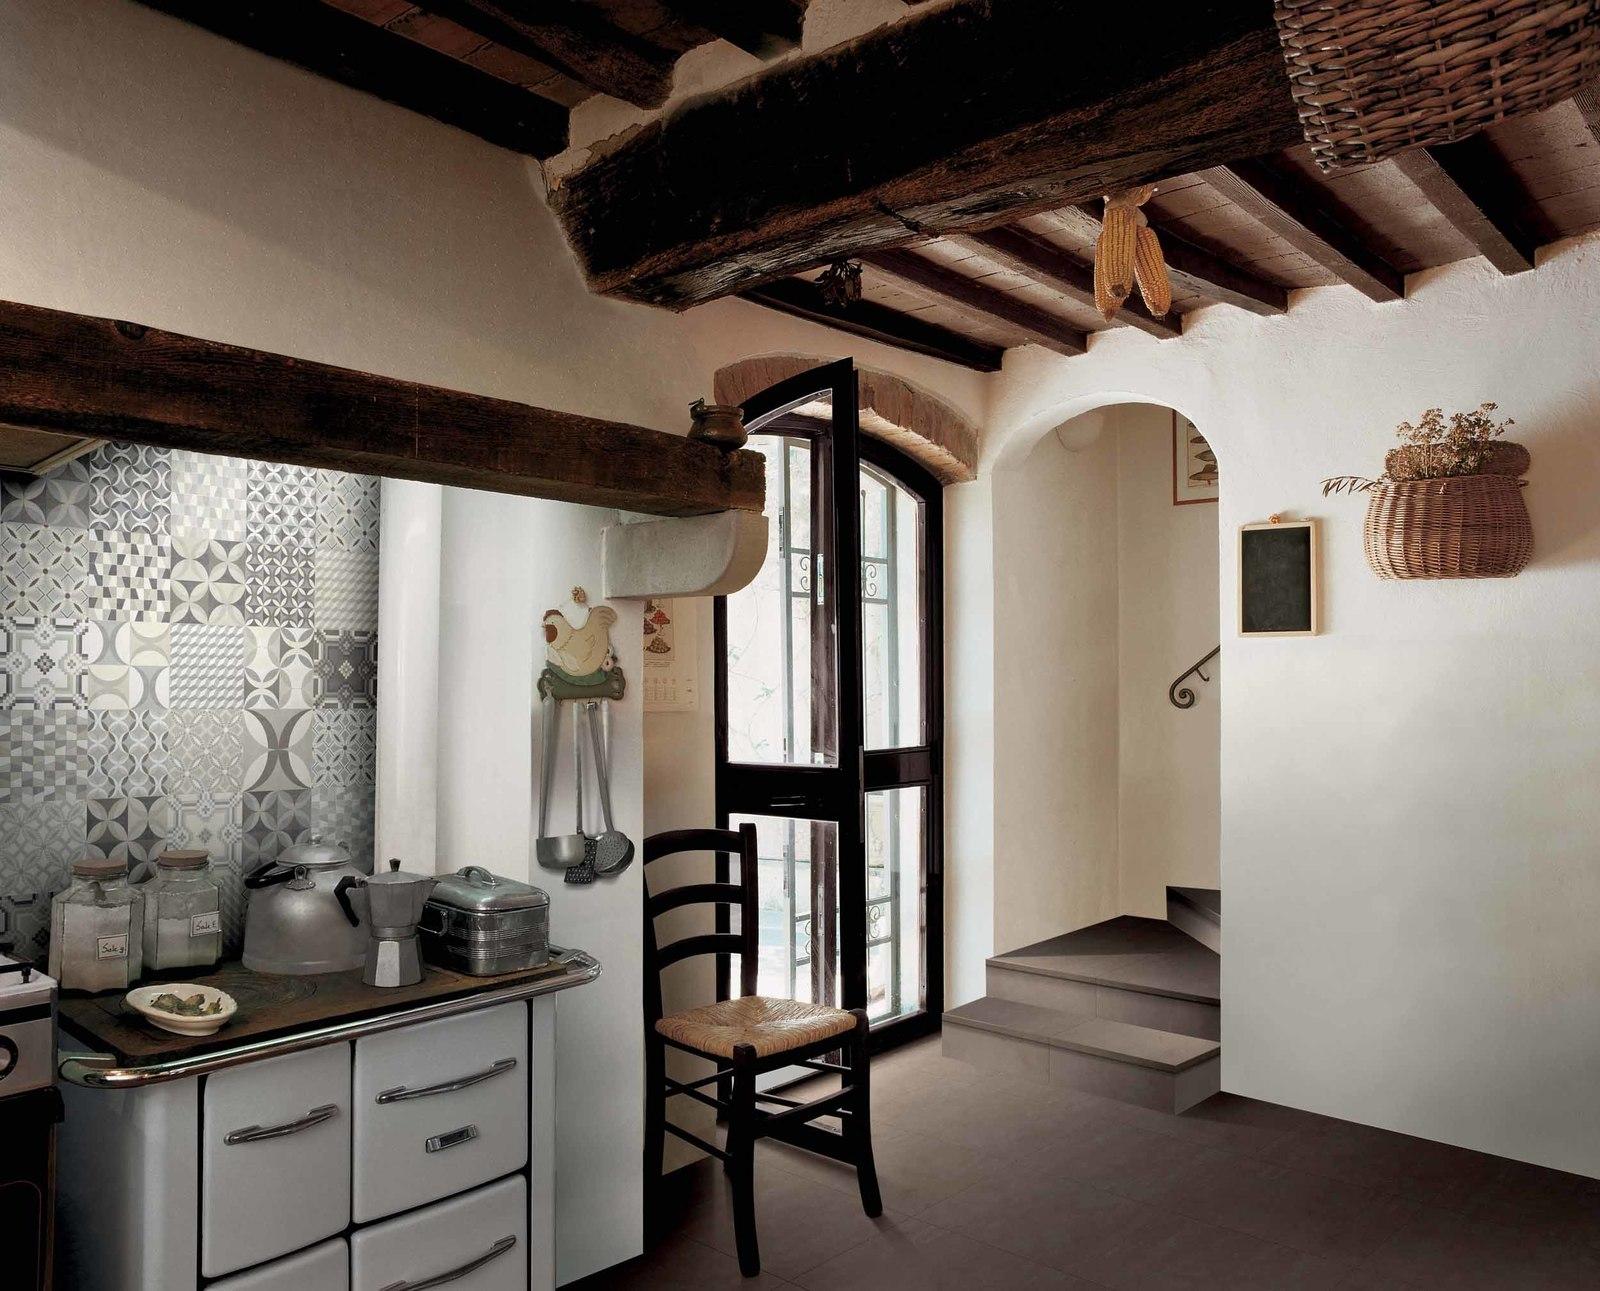 Stil_casa_belsito_cosenza_bbls_group_paviment_rivestimenti_arredo_bagno_piastrelle_ceramica_stile_moderno_5